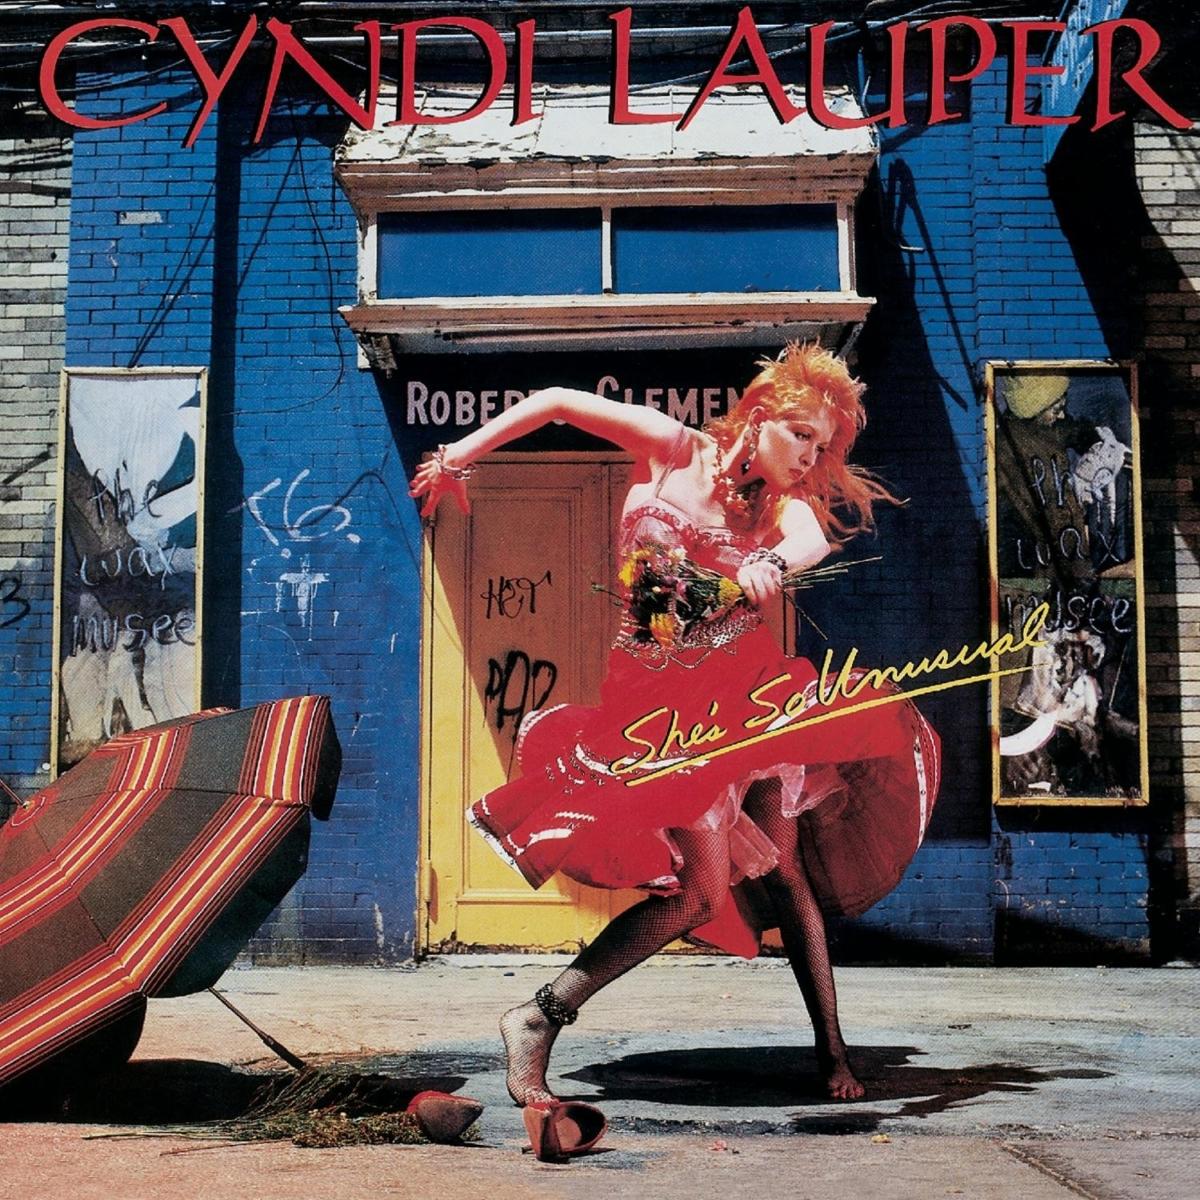 cyndi lauper she's so unusual album cover